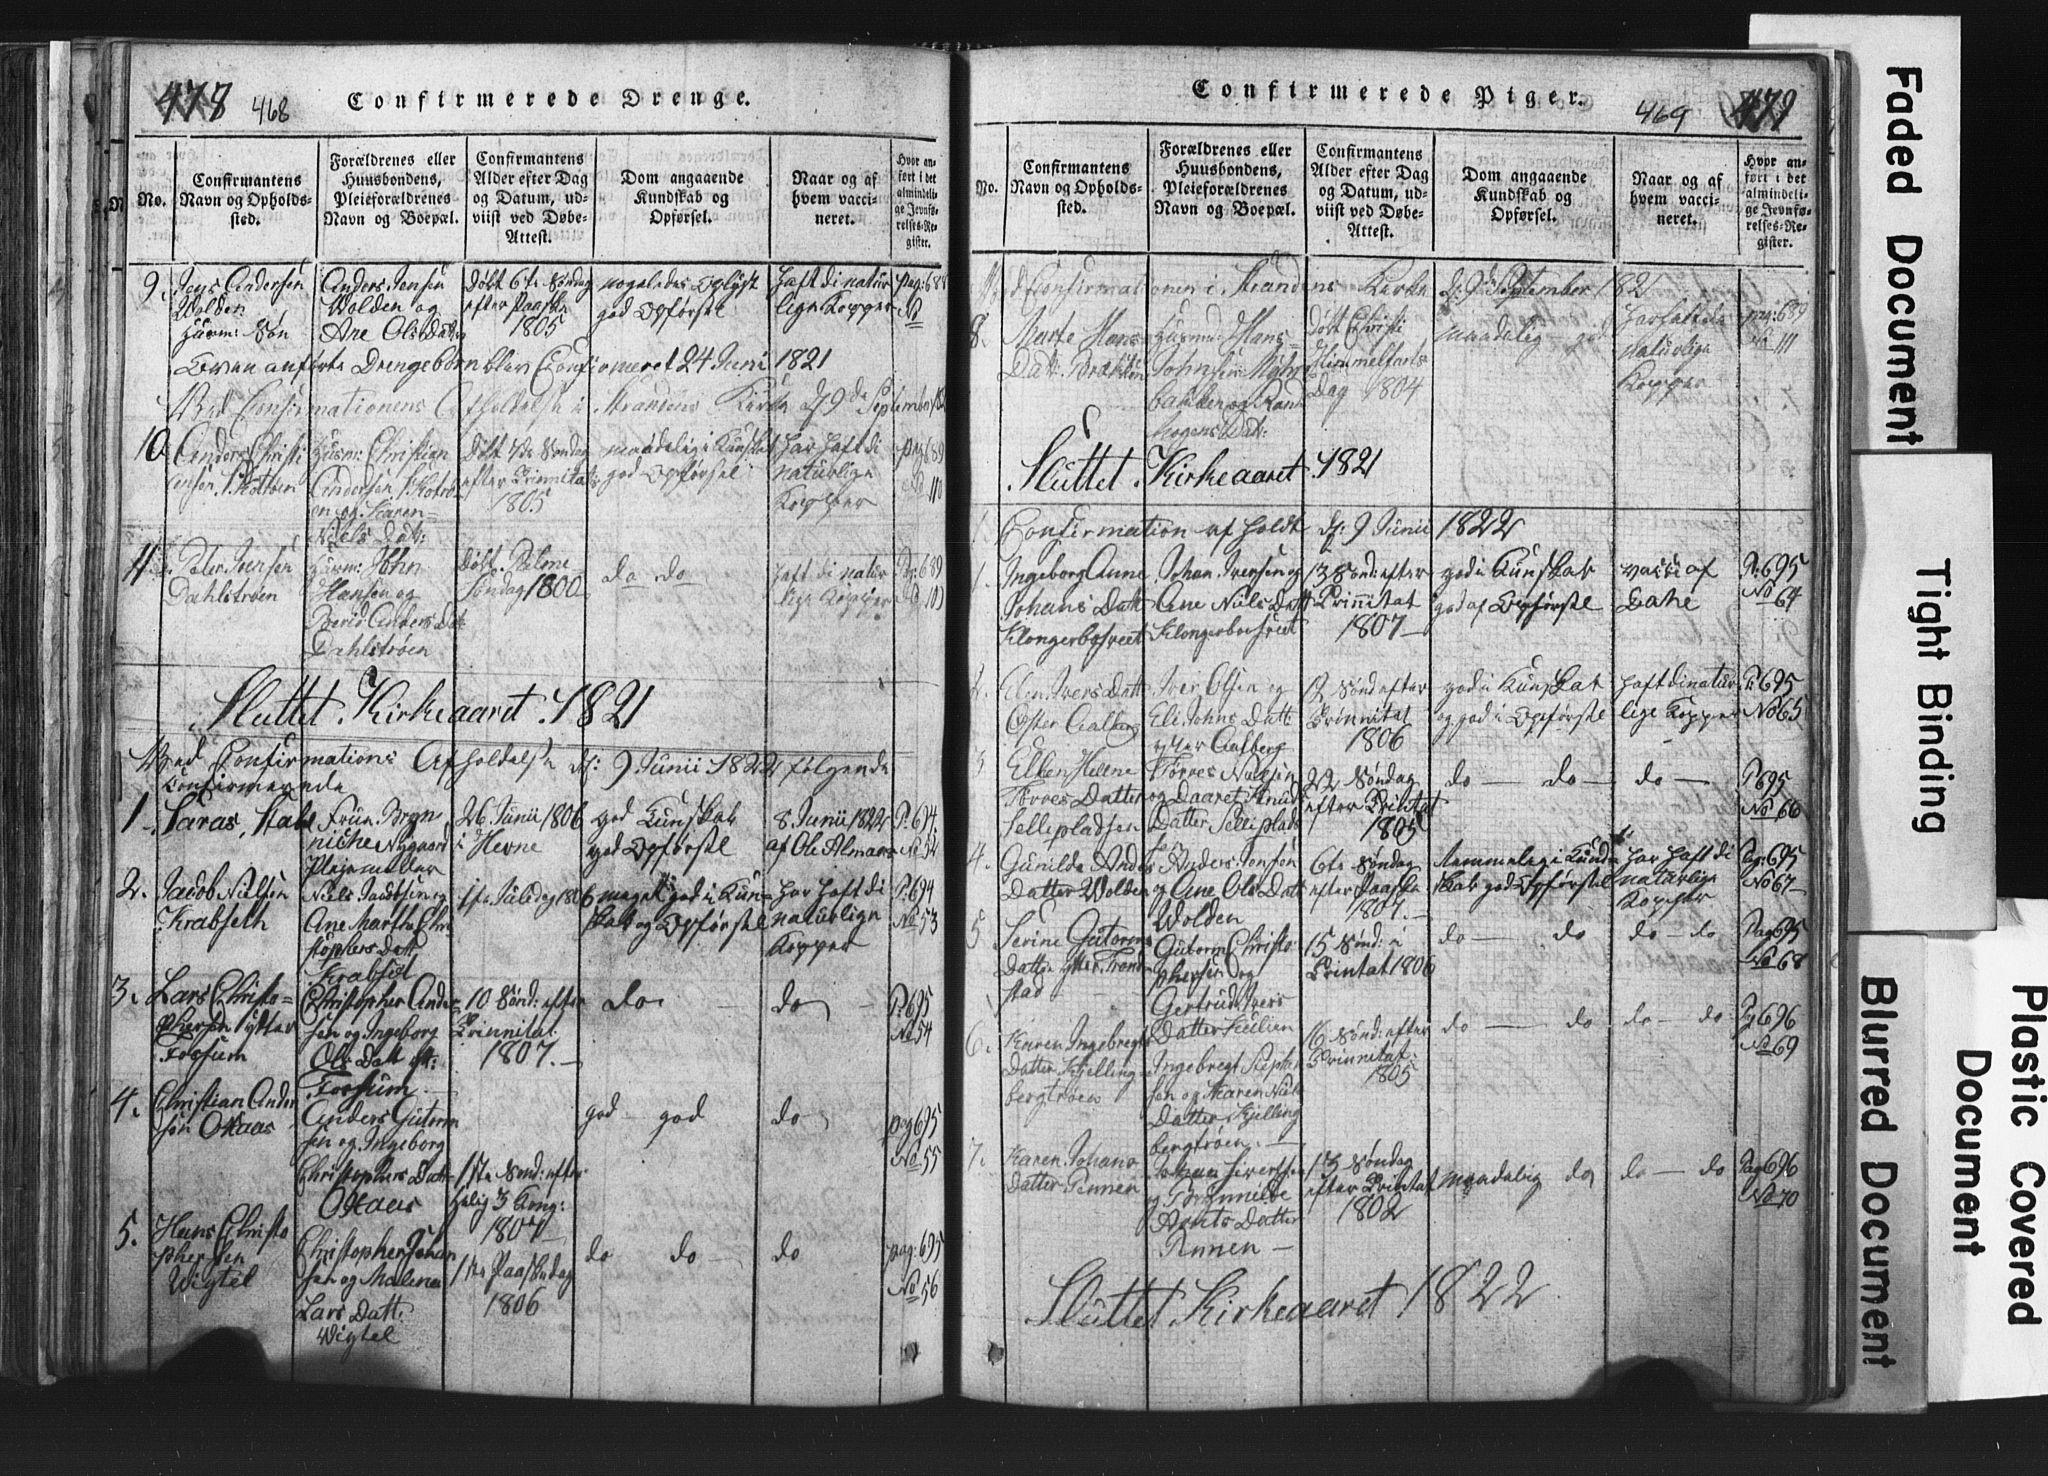 SAT, Ministerialprotokoller, klokkerbøker og fødselsregistre - Nord-Trøndelag, 701/L0017: Klokkerbok nr. 701C01, 1817-1825, s. 468-469